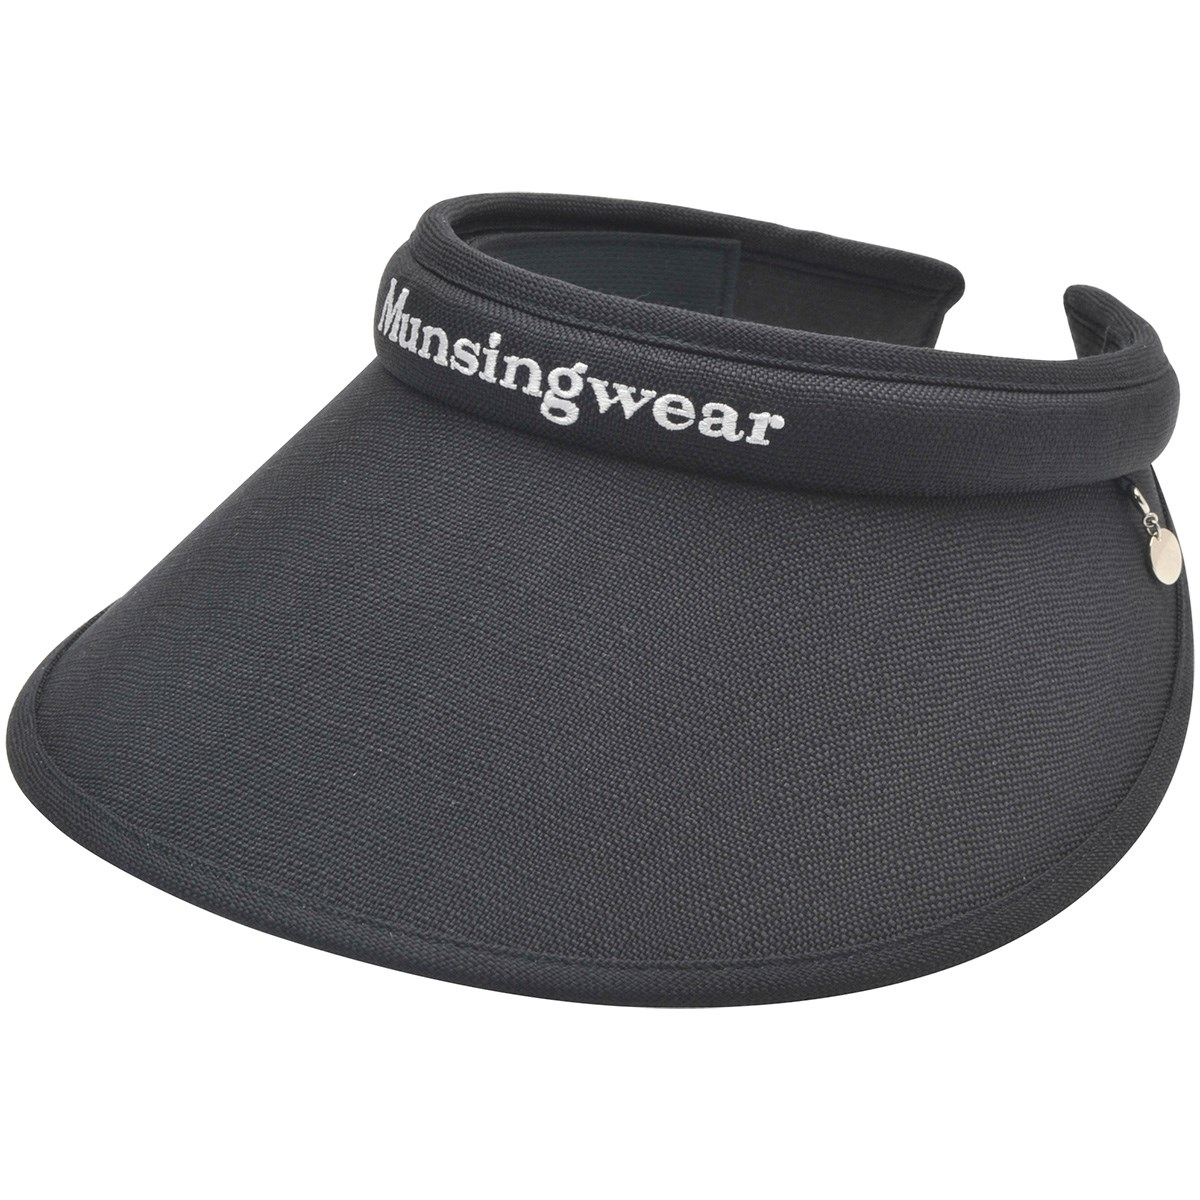 マンシングウェア Munsingwear クリップサンバイザー フリー ネイビー 00 レディス